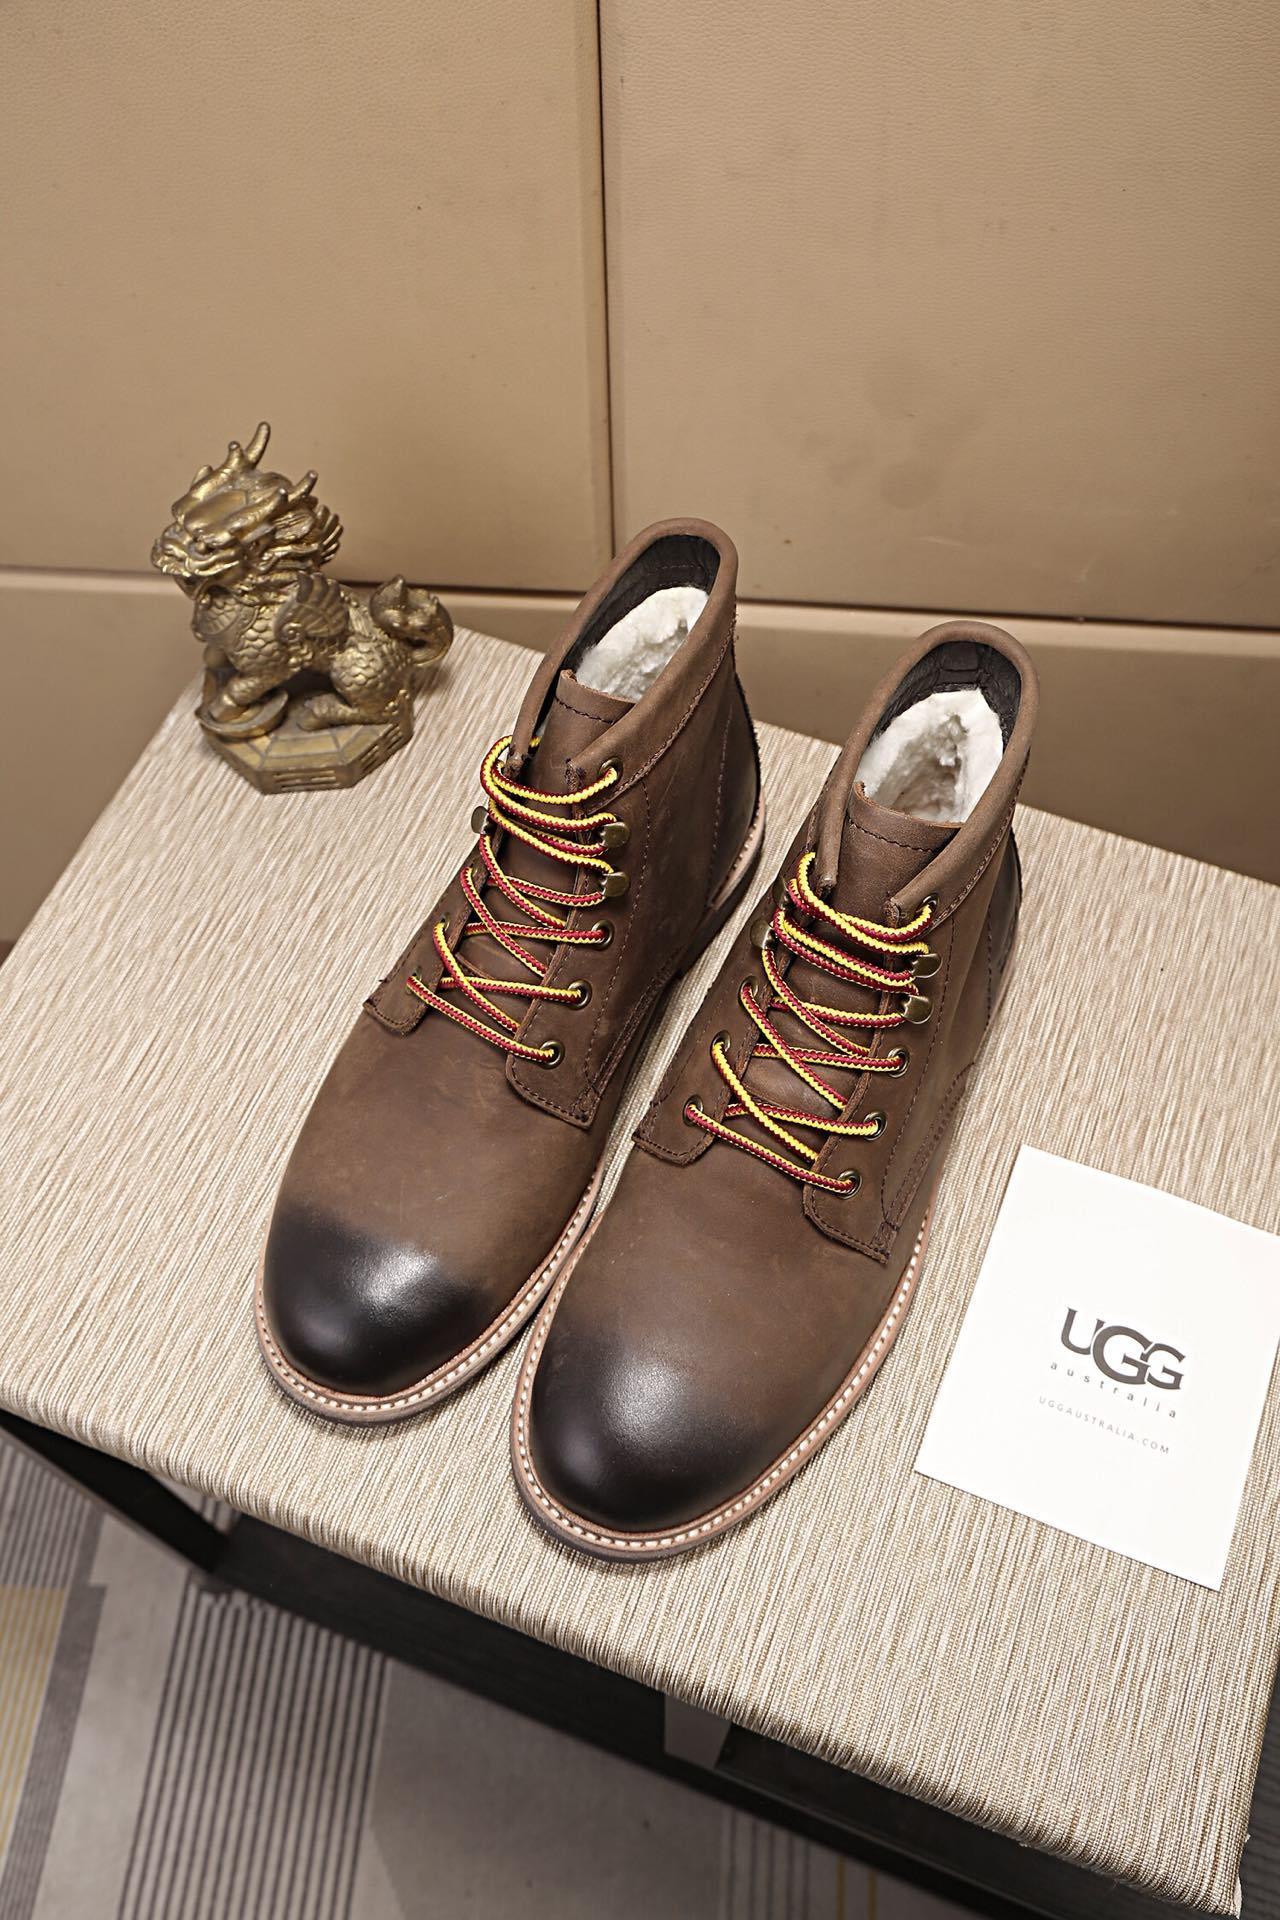 UGG メンズ 冬靴 専門店届かない スーパーコピーブランド 最新入荷 p6728046